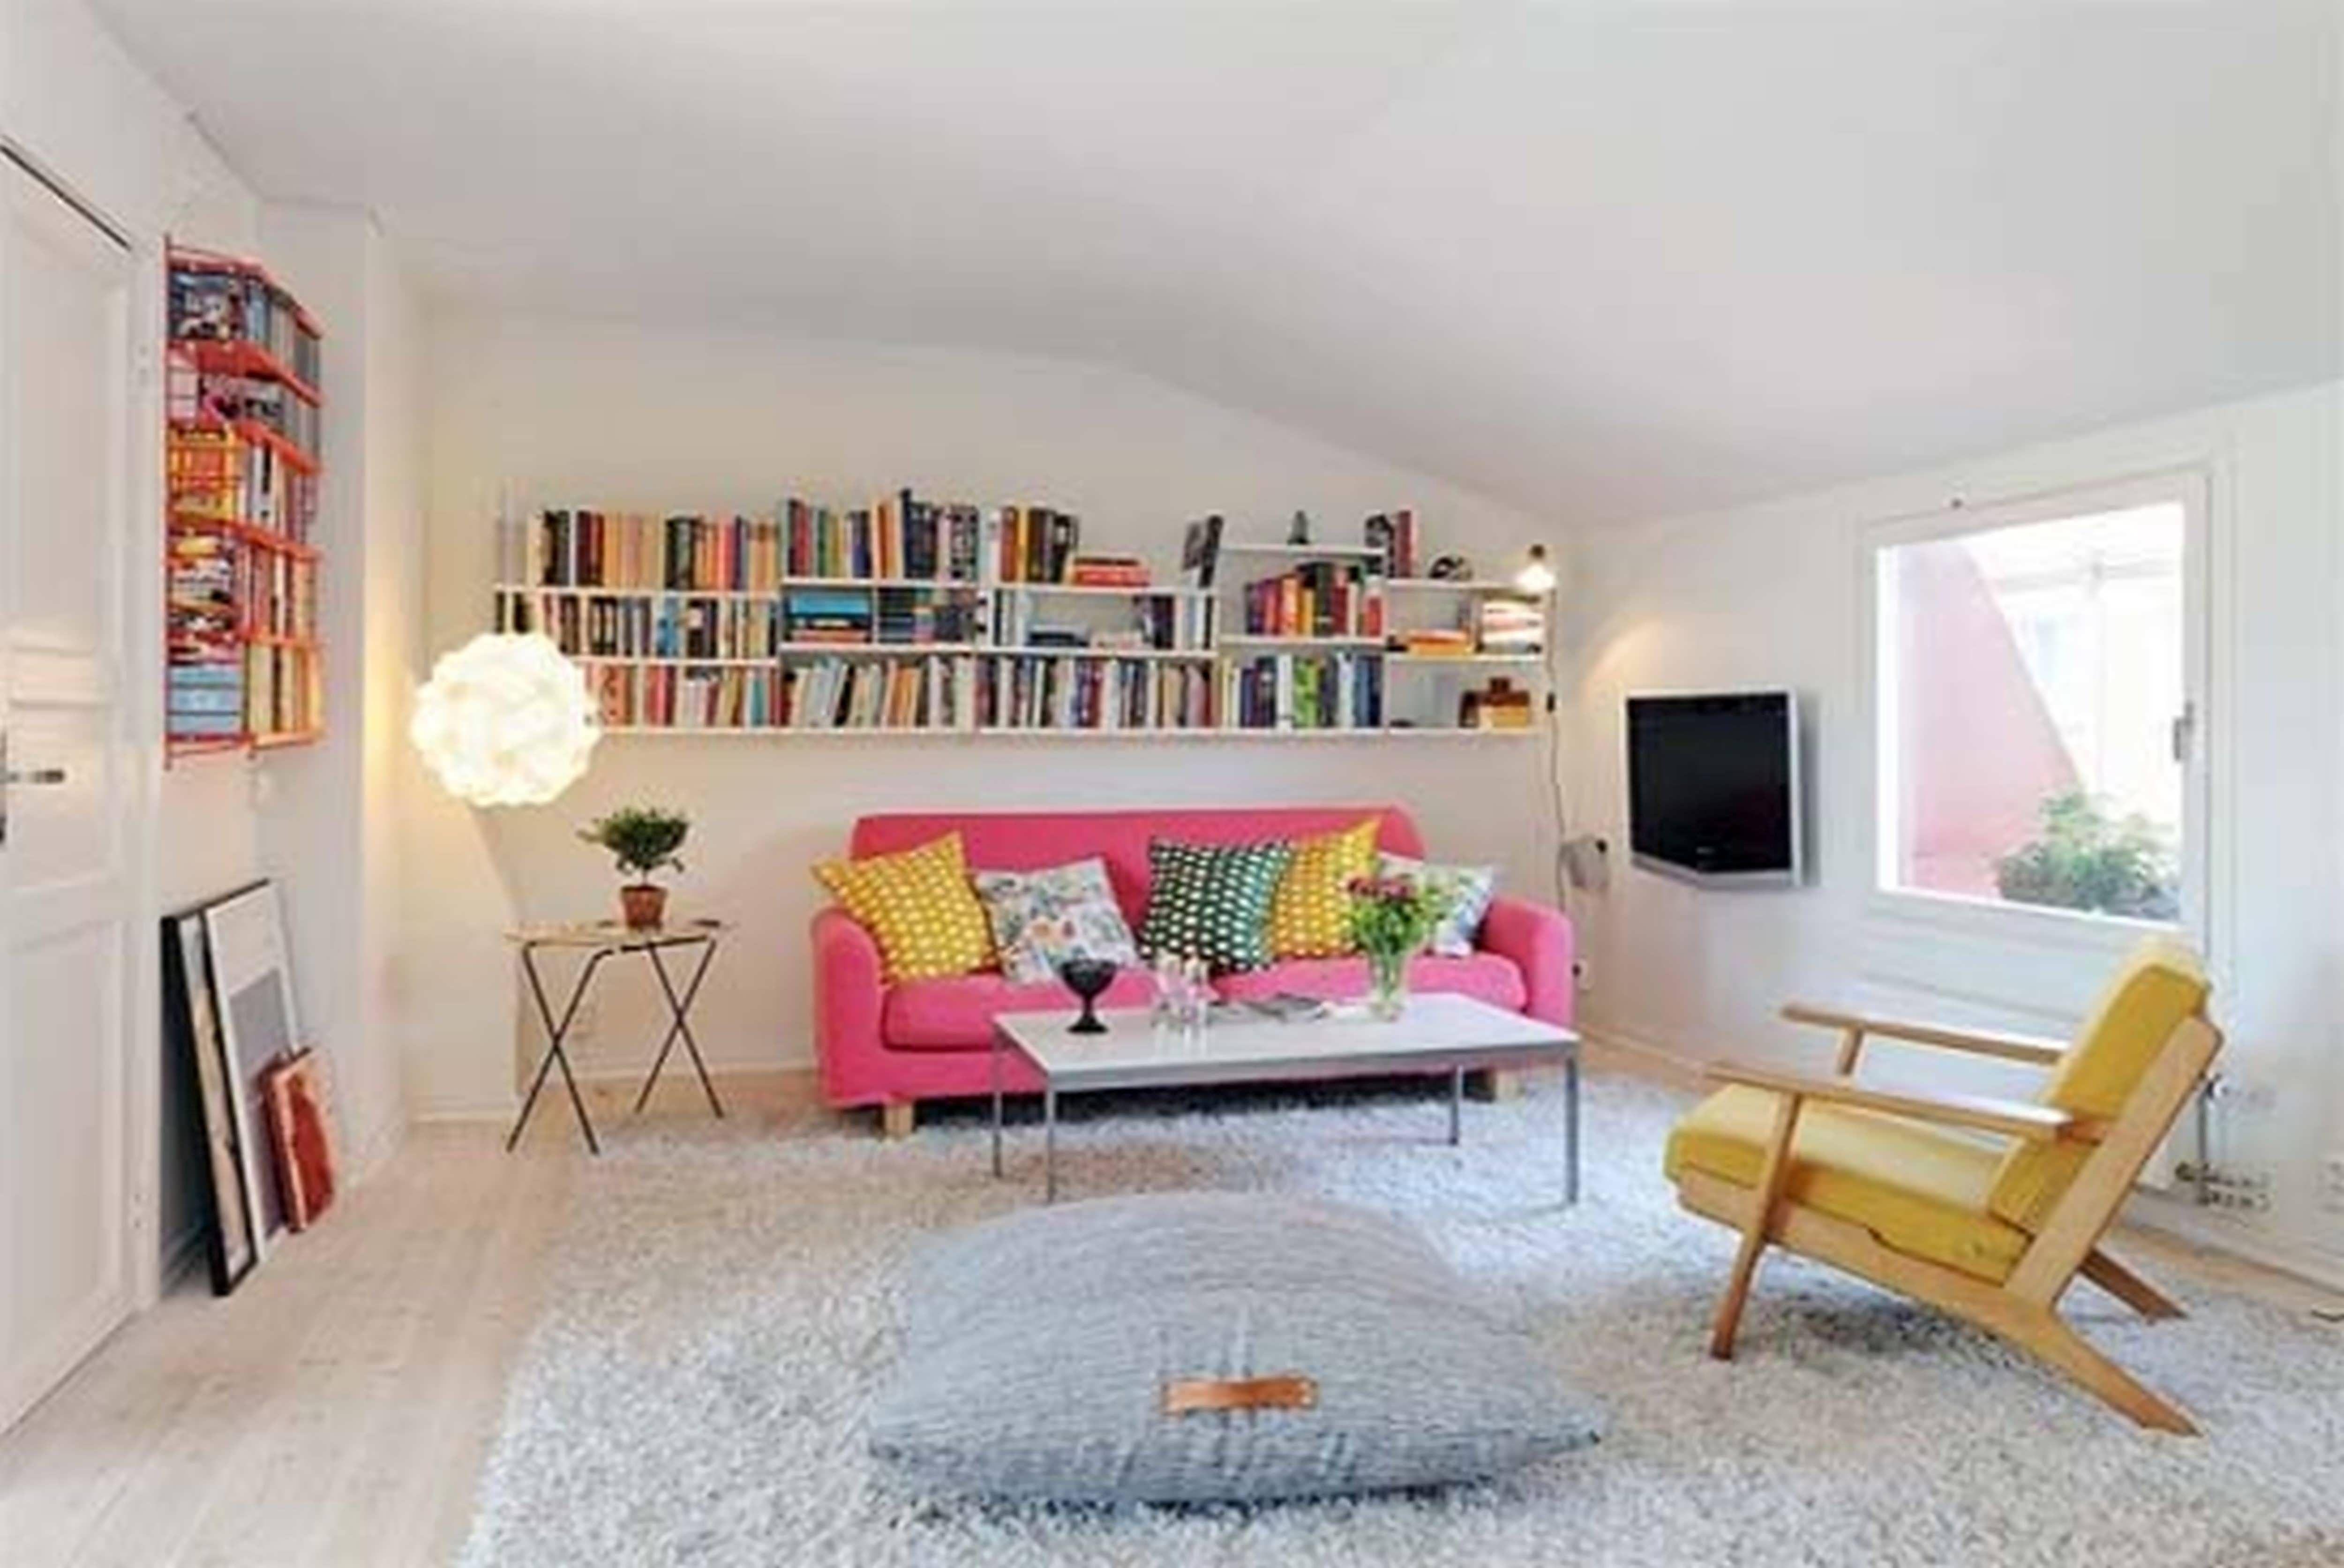 More 5 Elegant Cute One Bedroom Apartment Ideas Small Apartment Decorating Simple Apartment Decor Apartment Interior Decorating